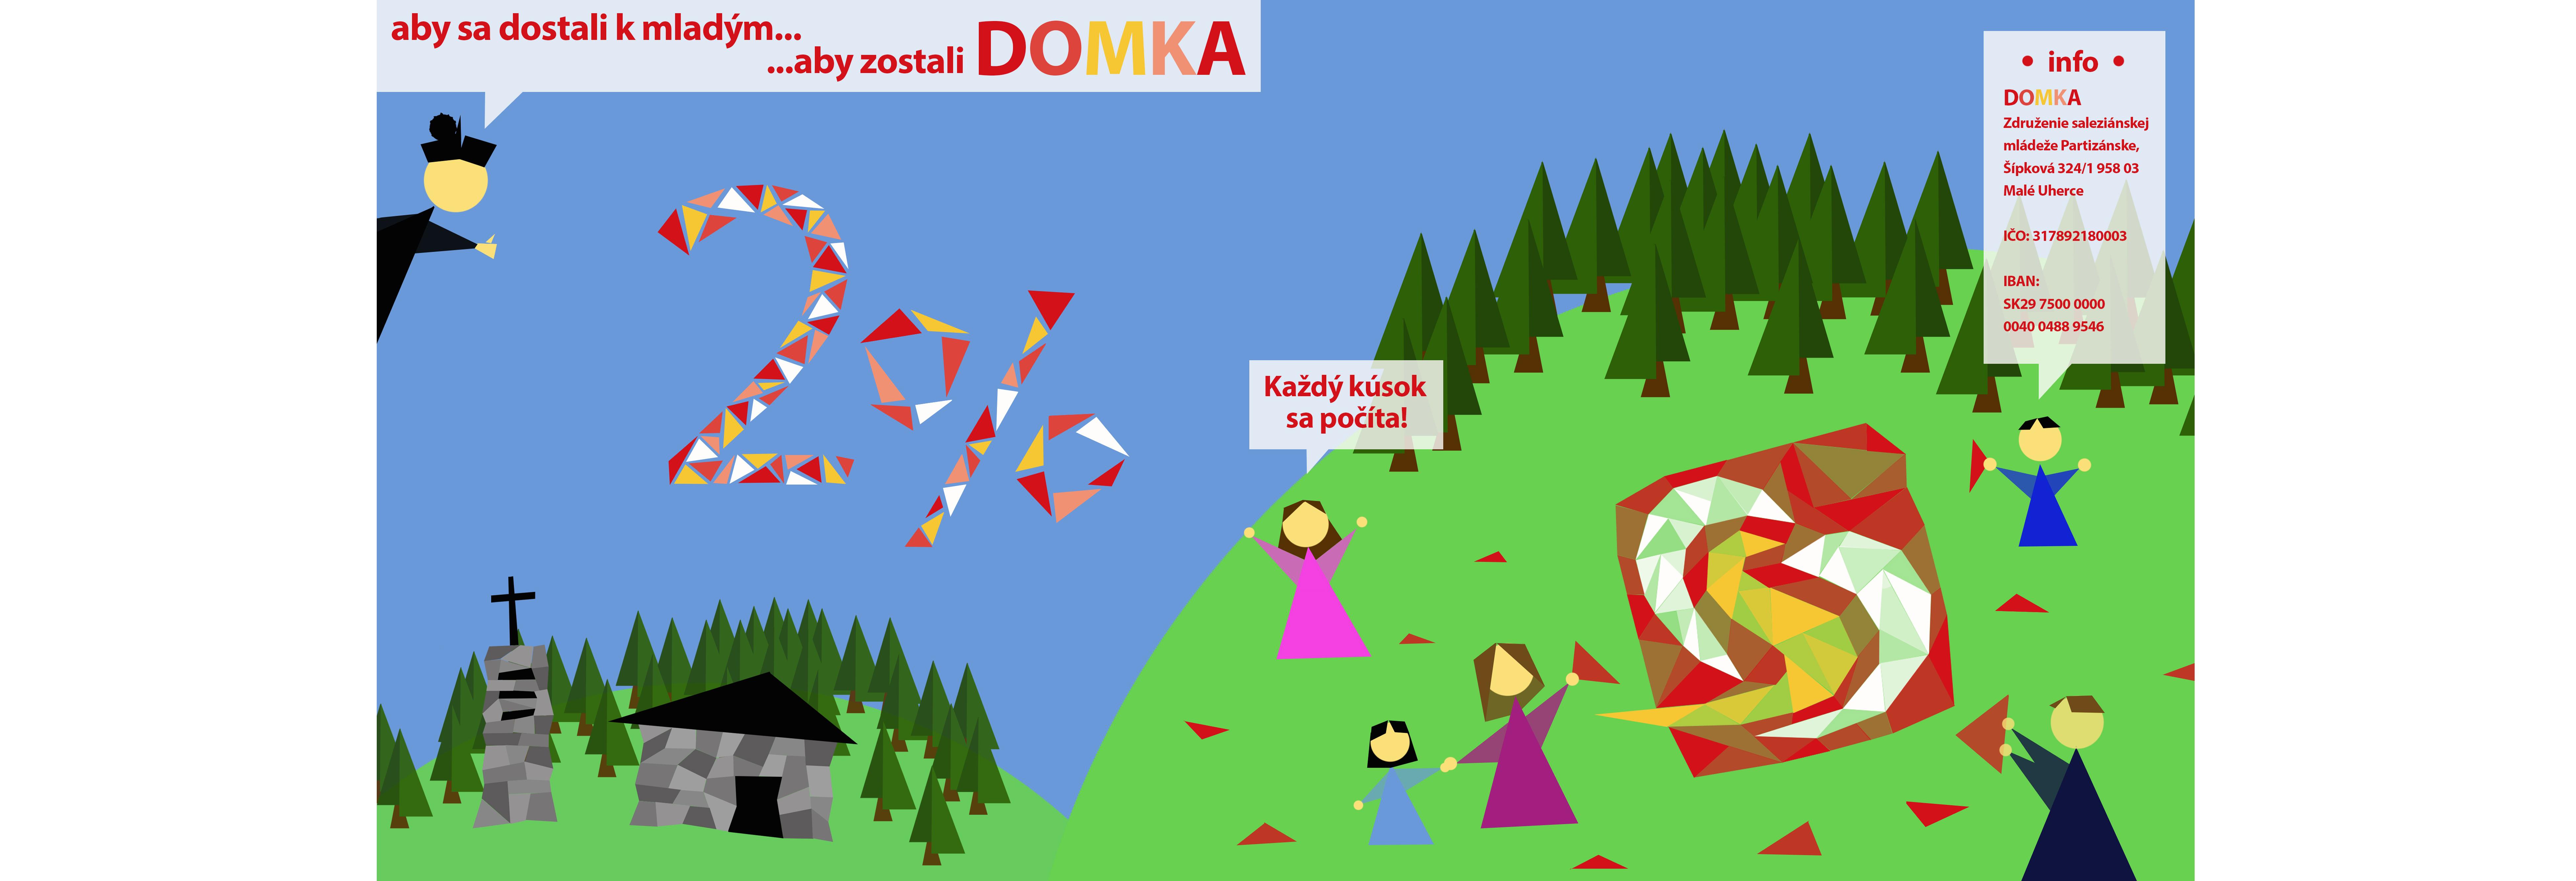 2domke_stranka